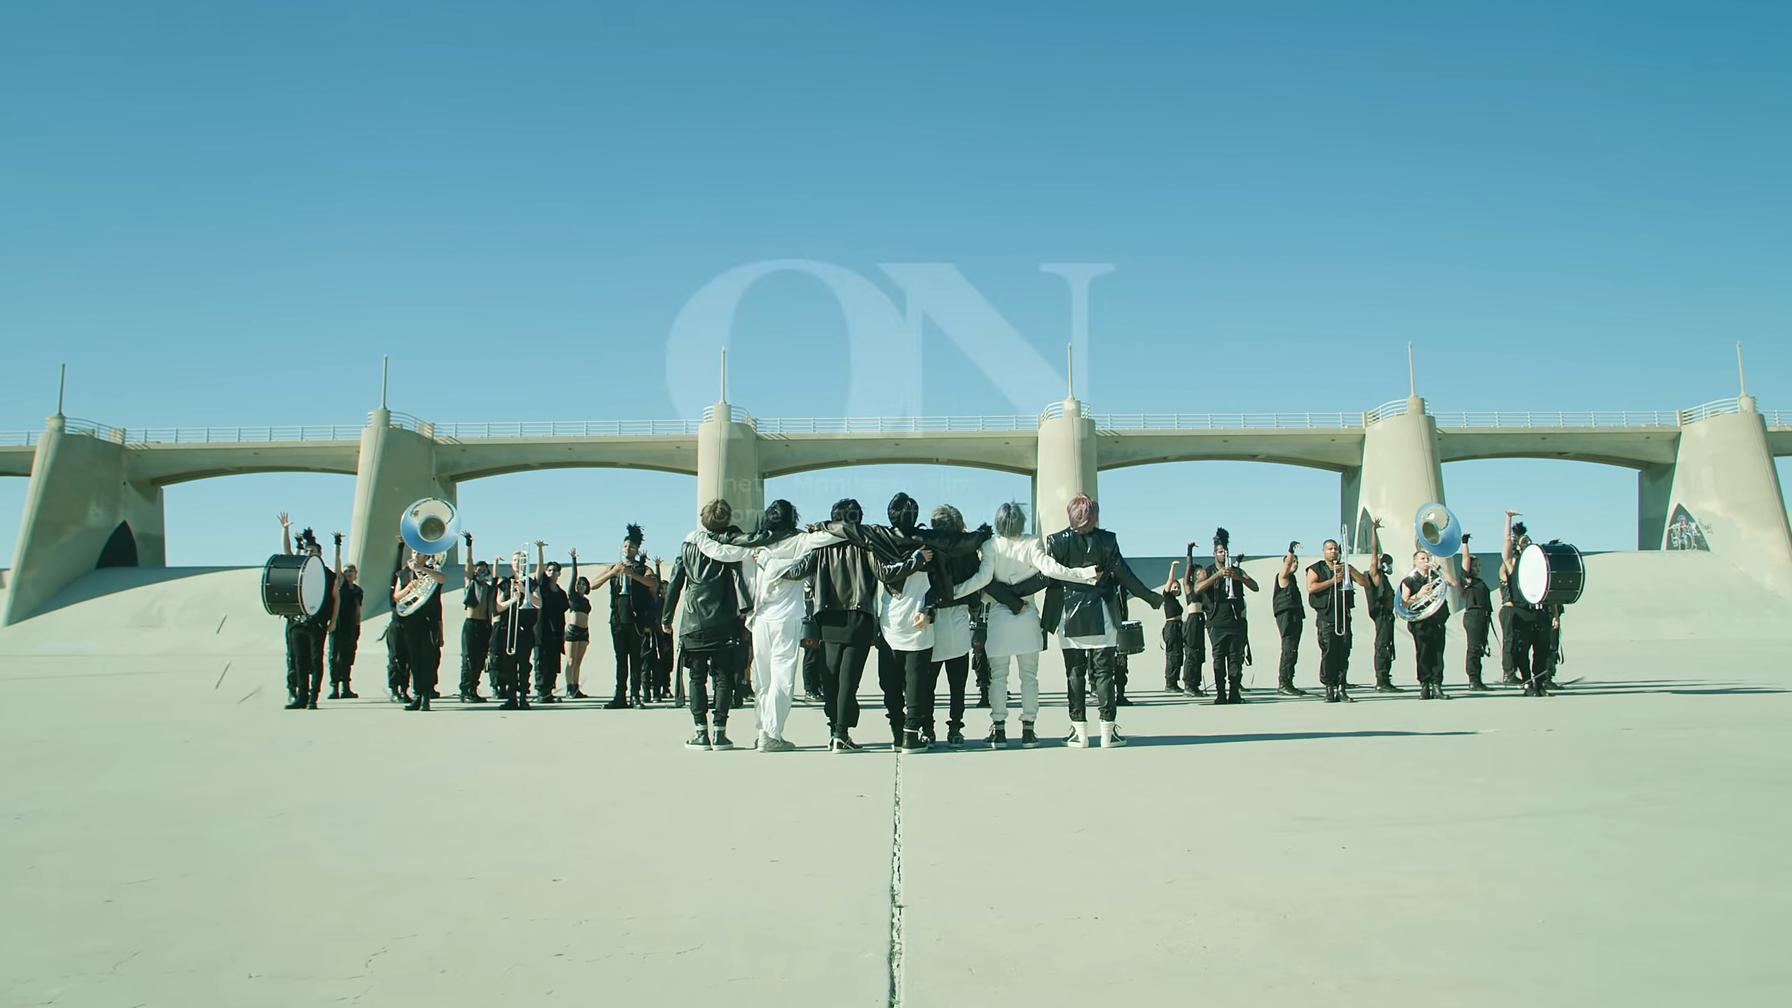 BTS members in ON Music Video